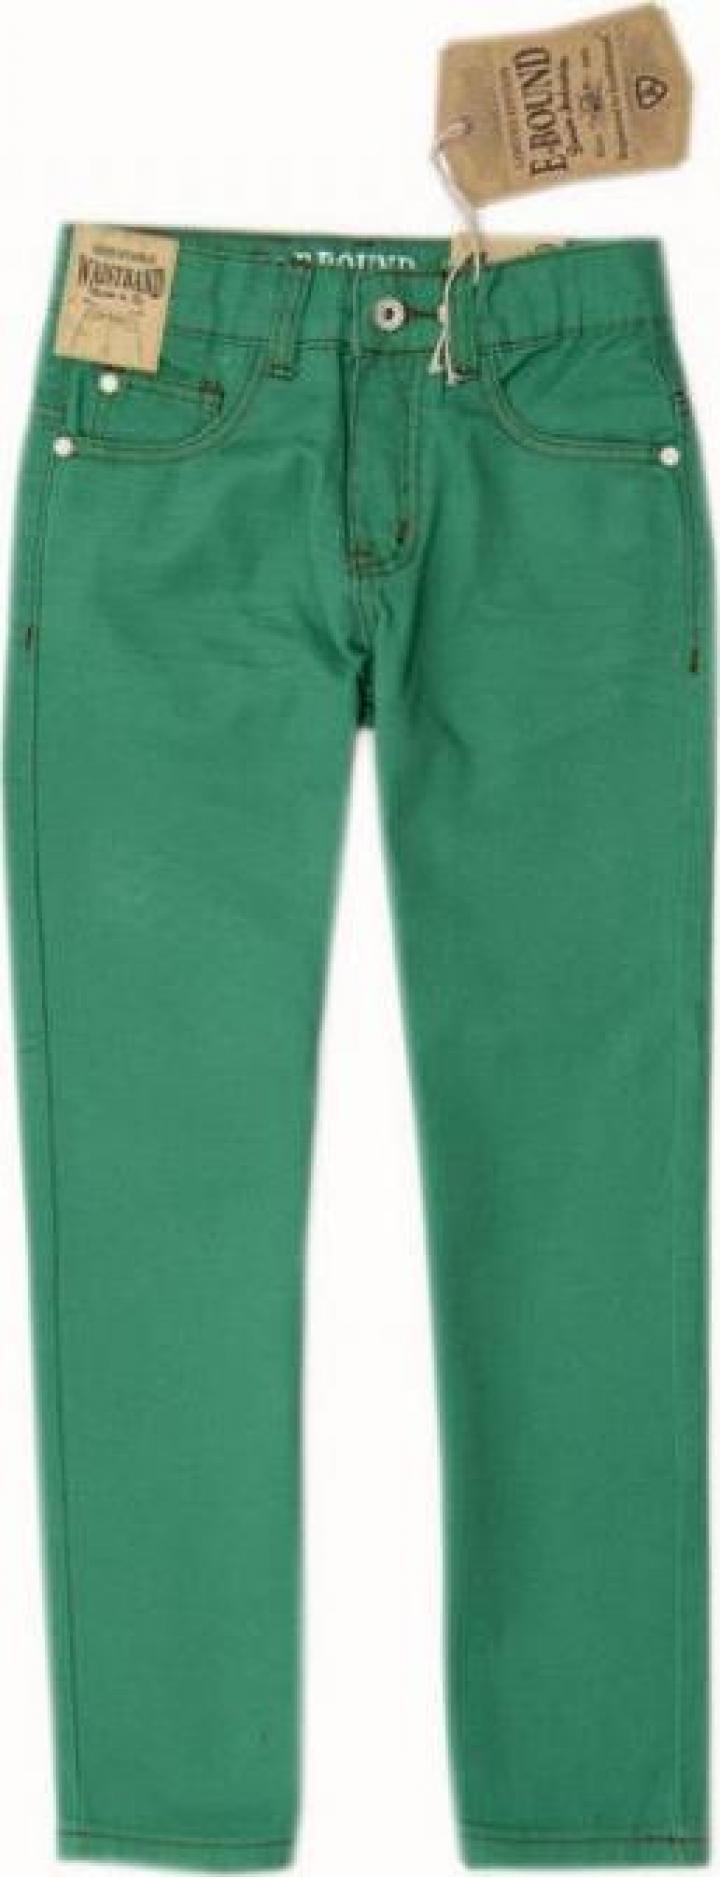 Jeans pentru baieti verzi